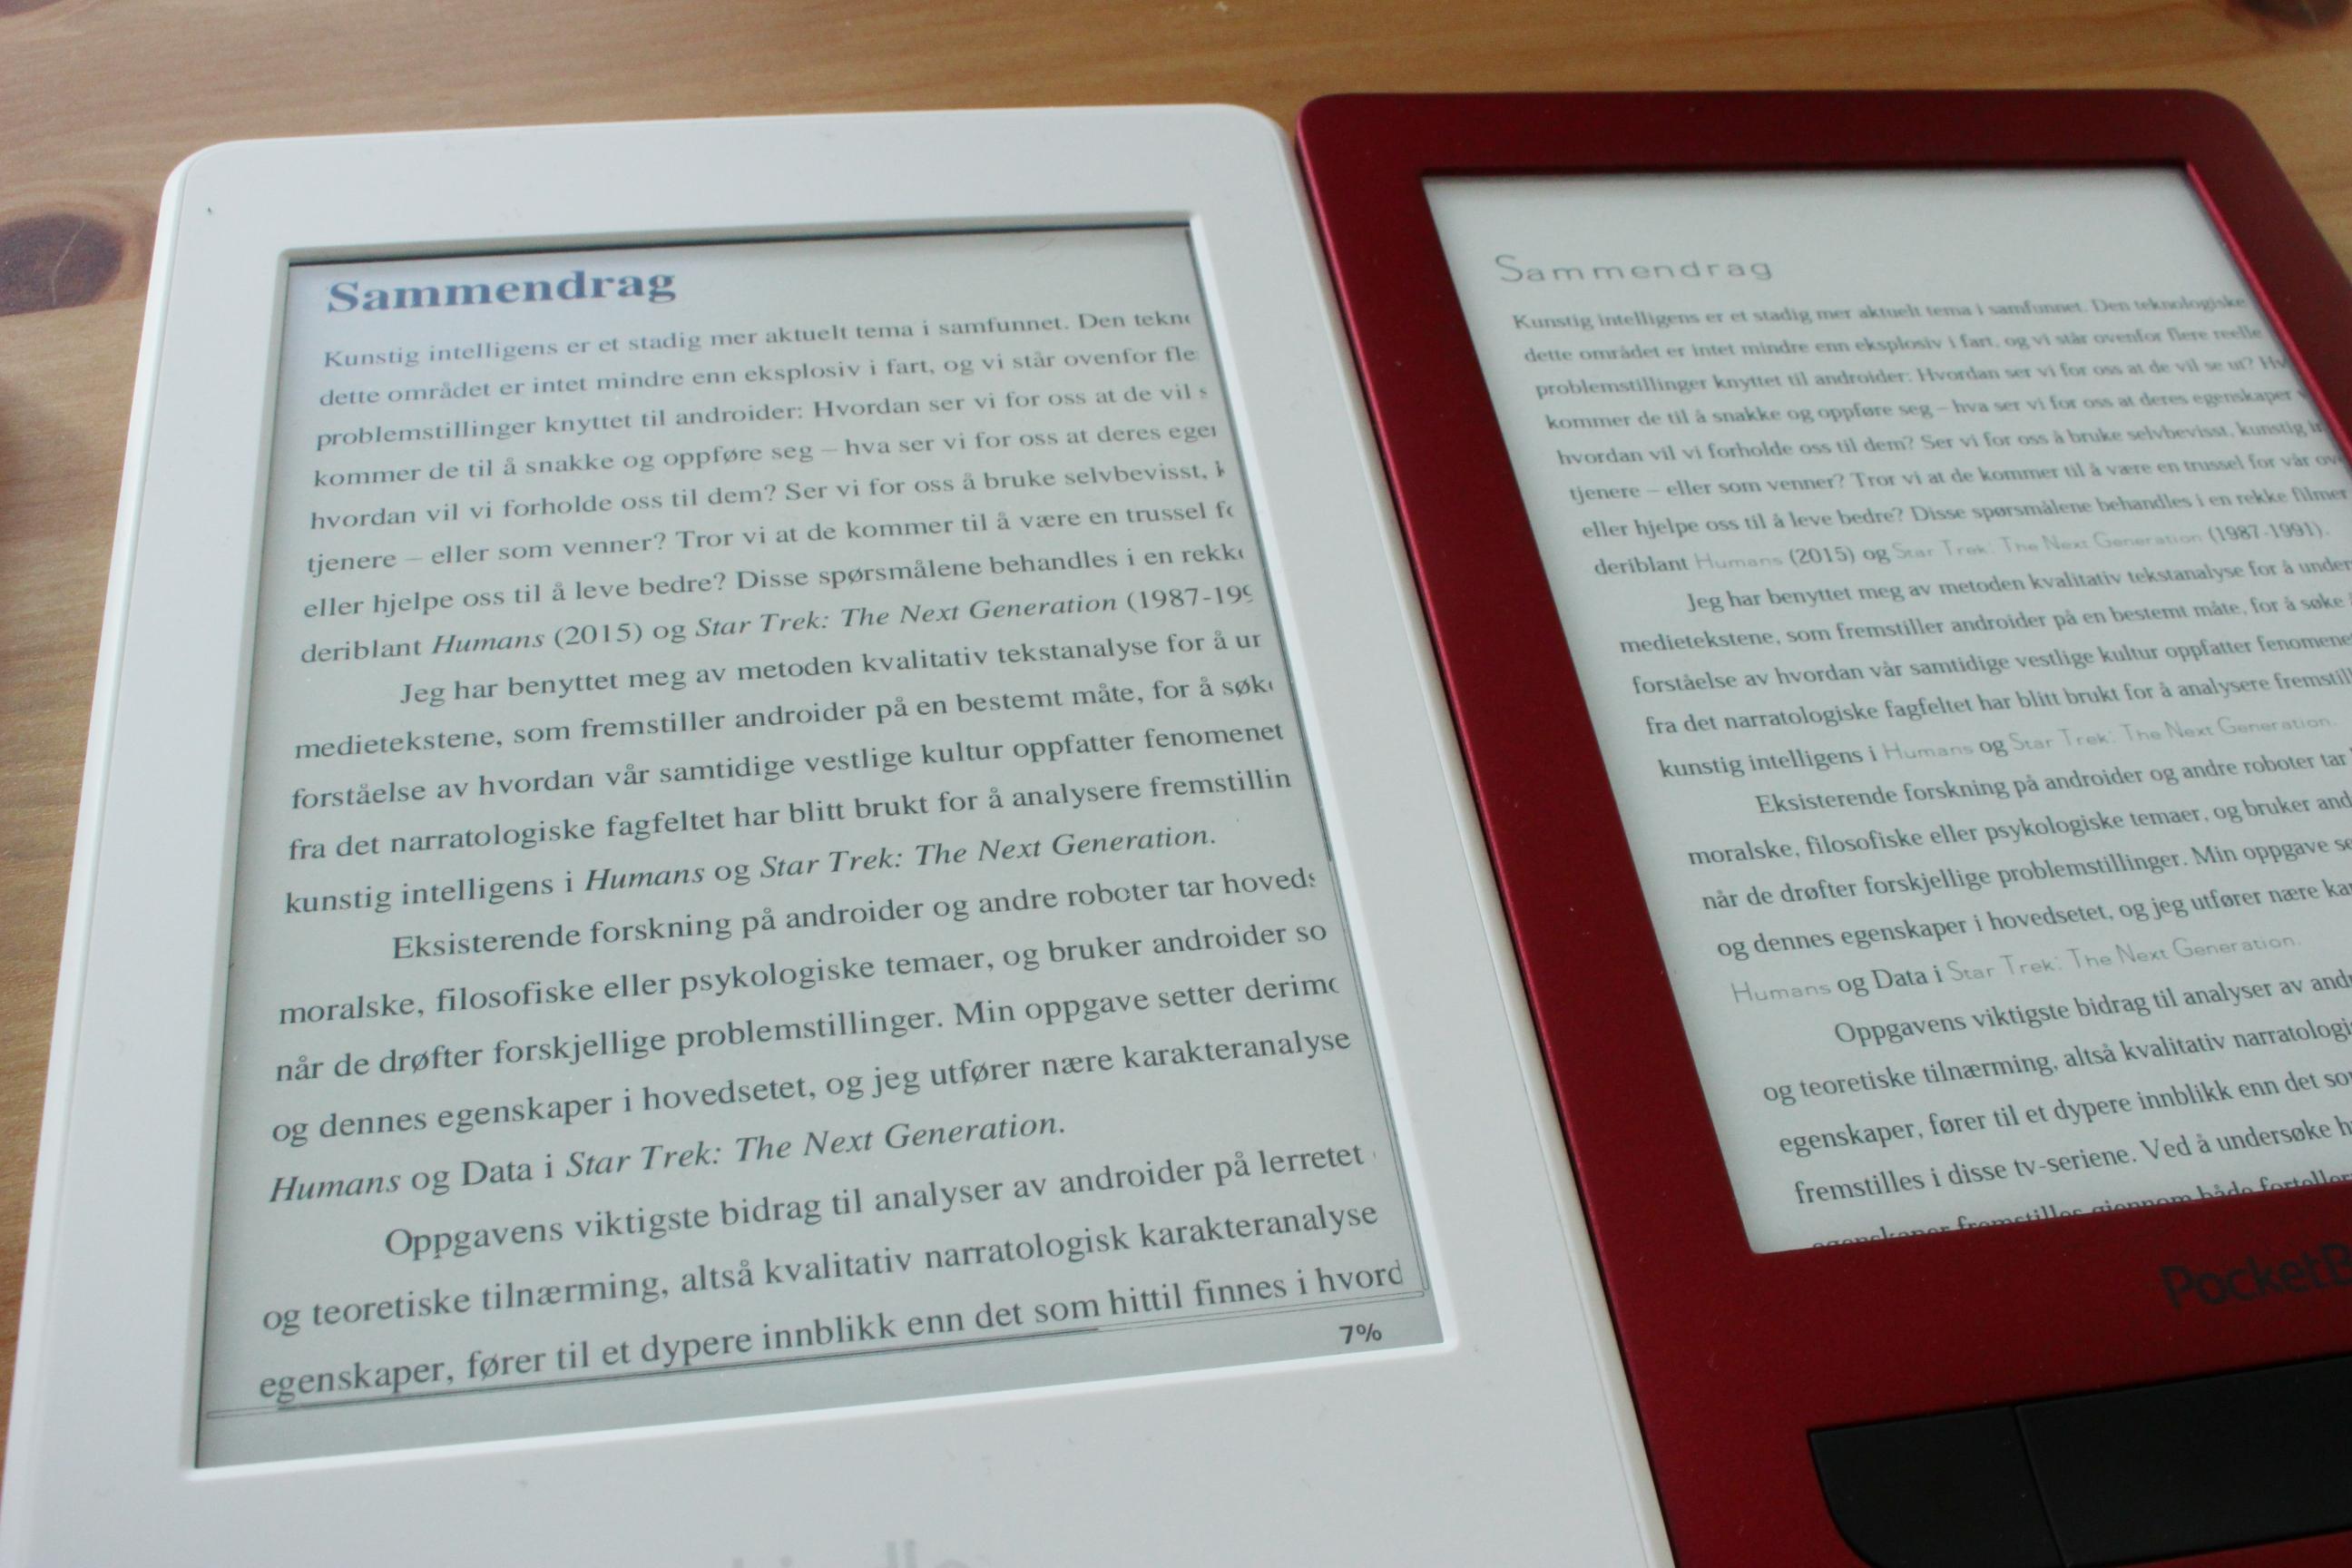 """Både PocketBook og Kobo håndtere overskrifter som er formattert i bestemte stiler samt kursiv ved å gjøre dem om til skrifttypen du ser at skiller seg ut på PocketBook (til høyre). Paperwhite (til venstre) beholder PDF-filens opprinnelige formattering og skrifttyper. (Trykk gjerne på bildet og velg ev. """"Vis original"""" (mobil) for å se teksten på lesebrettene tydeligere.)"""